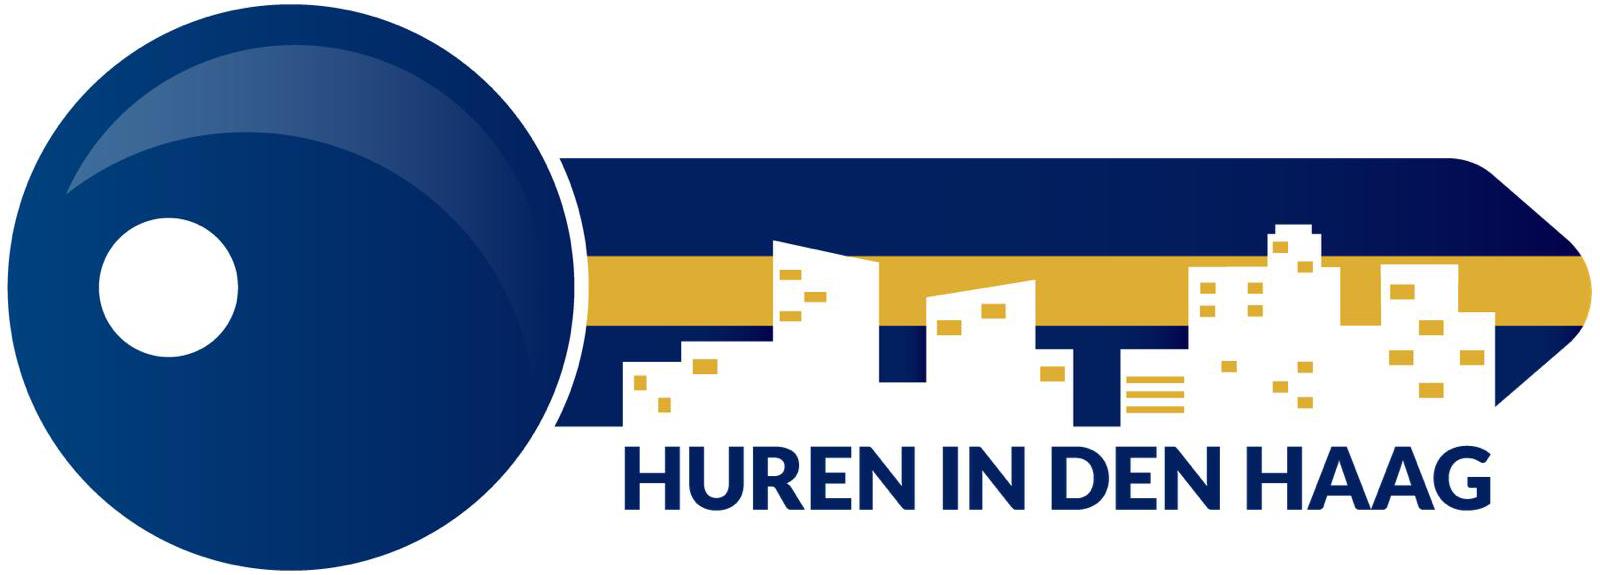 Huren in Den Haag